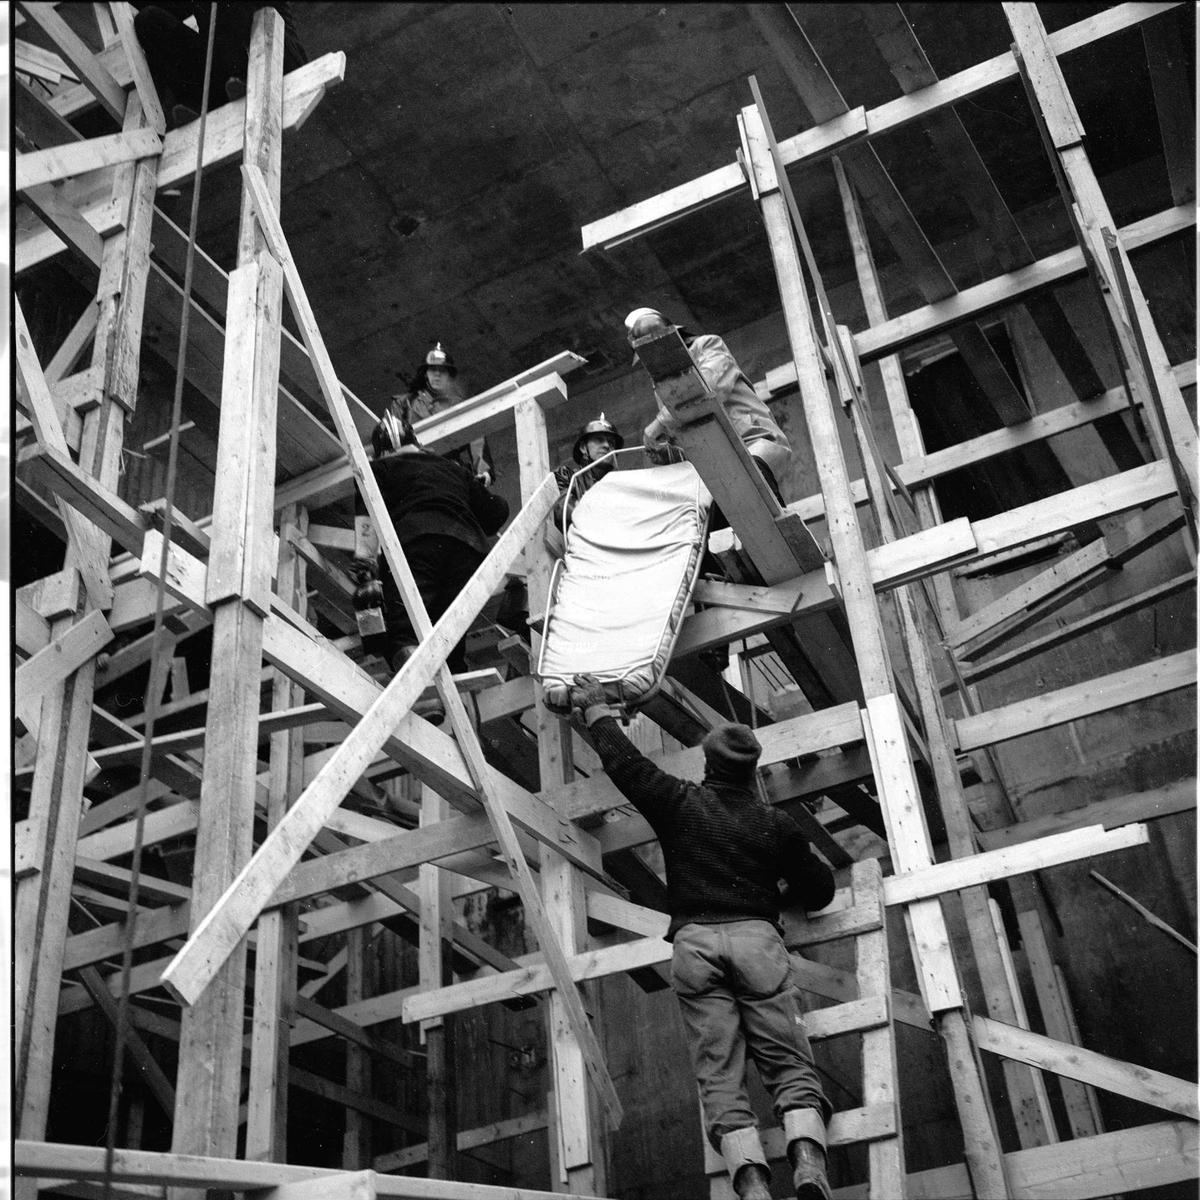 Majorstuen, Oslo, januar 1964. Colosseum kino, ulykke. Brannmenn i stilaser, med båre.